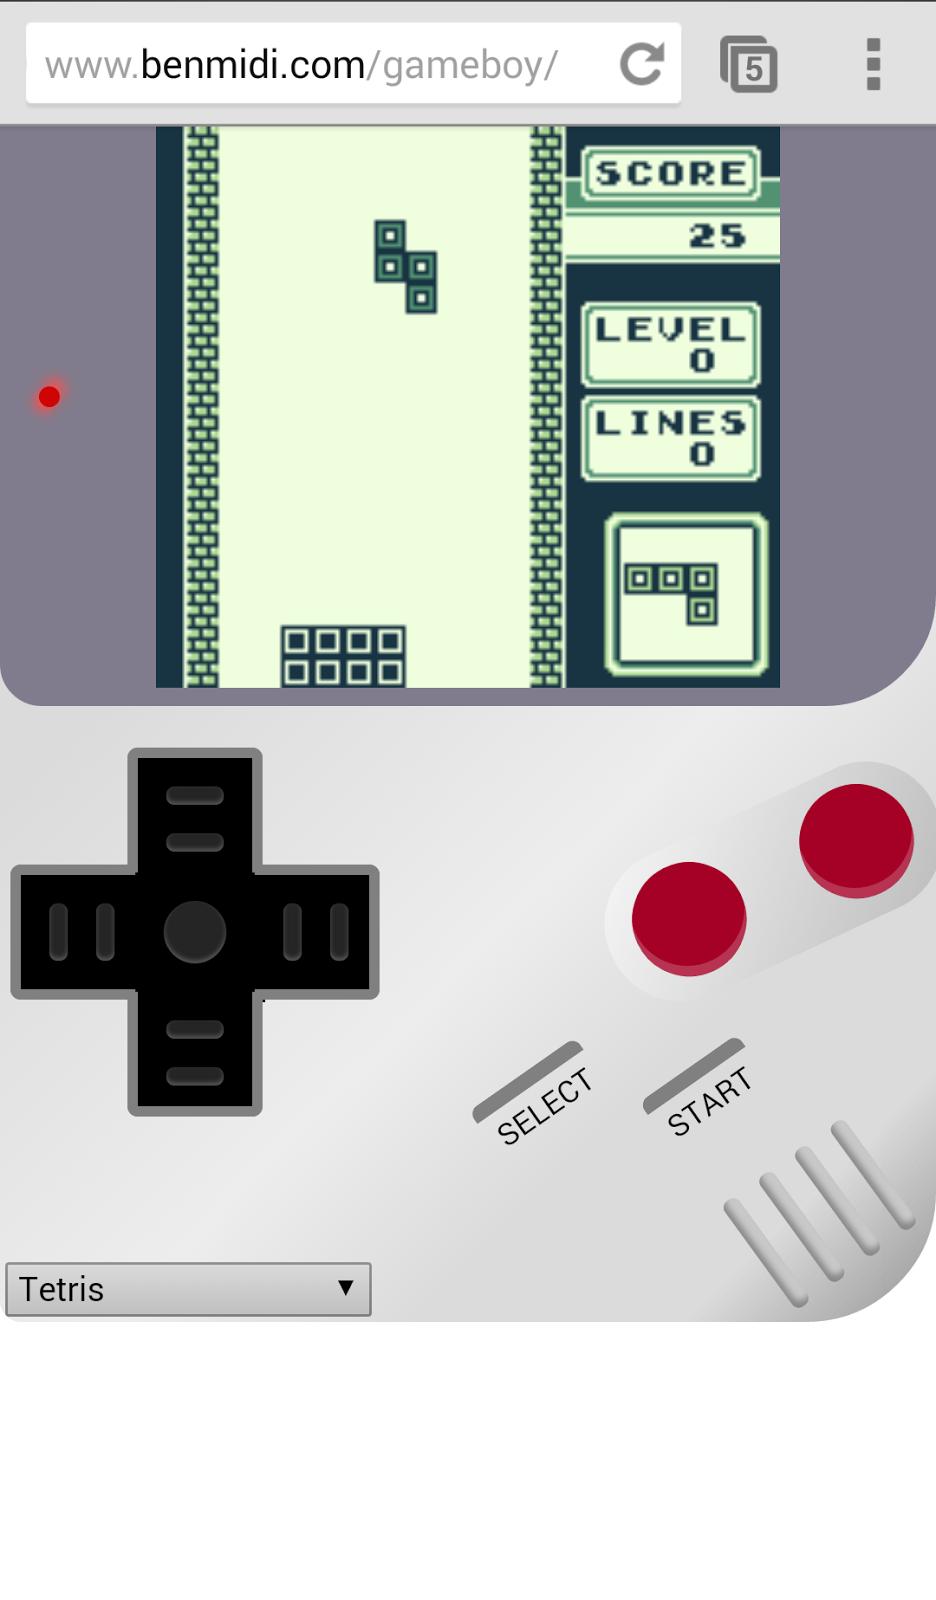 手機一秒變 Game Boy 掌機。免安裝模擬器回味初代行動遊戲